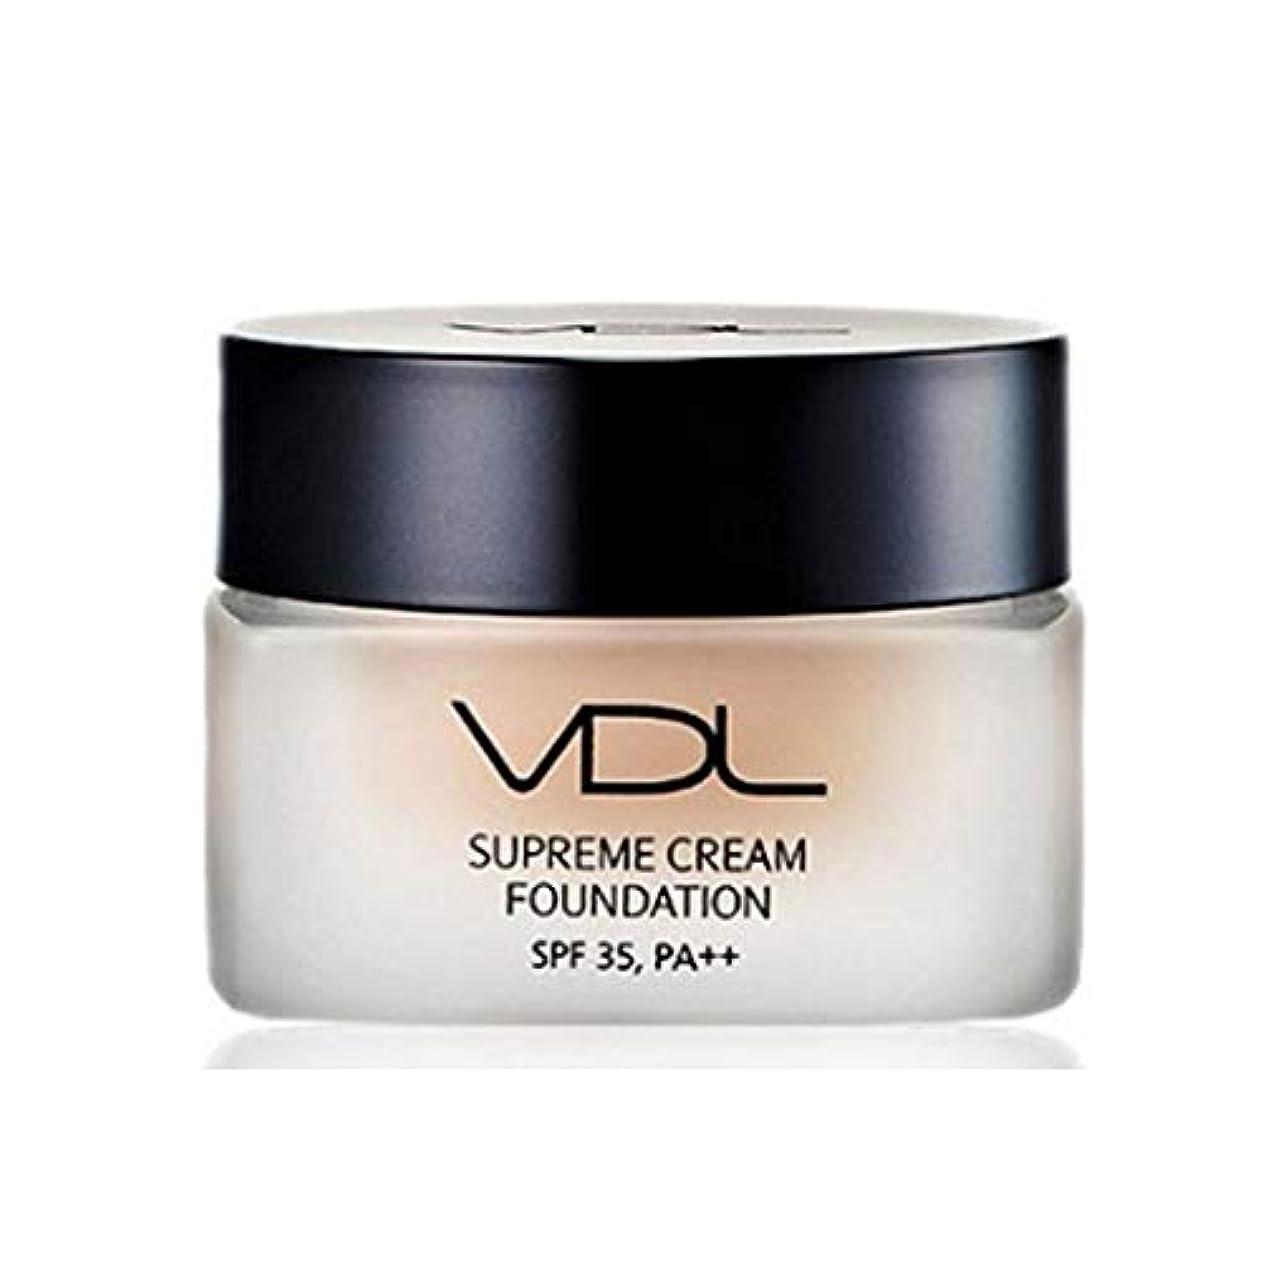 先入観ブレンドコマースVDLスプリームクリームファンデーション30ml SPF35 PA++ 4色、VDL Supreme Cream Foundation 30ml SPF35 PA++ 4 Colors [並行輸入品] (A02)